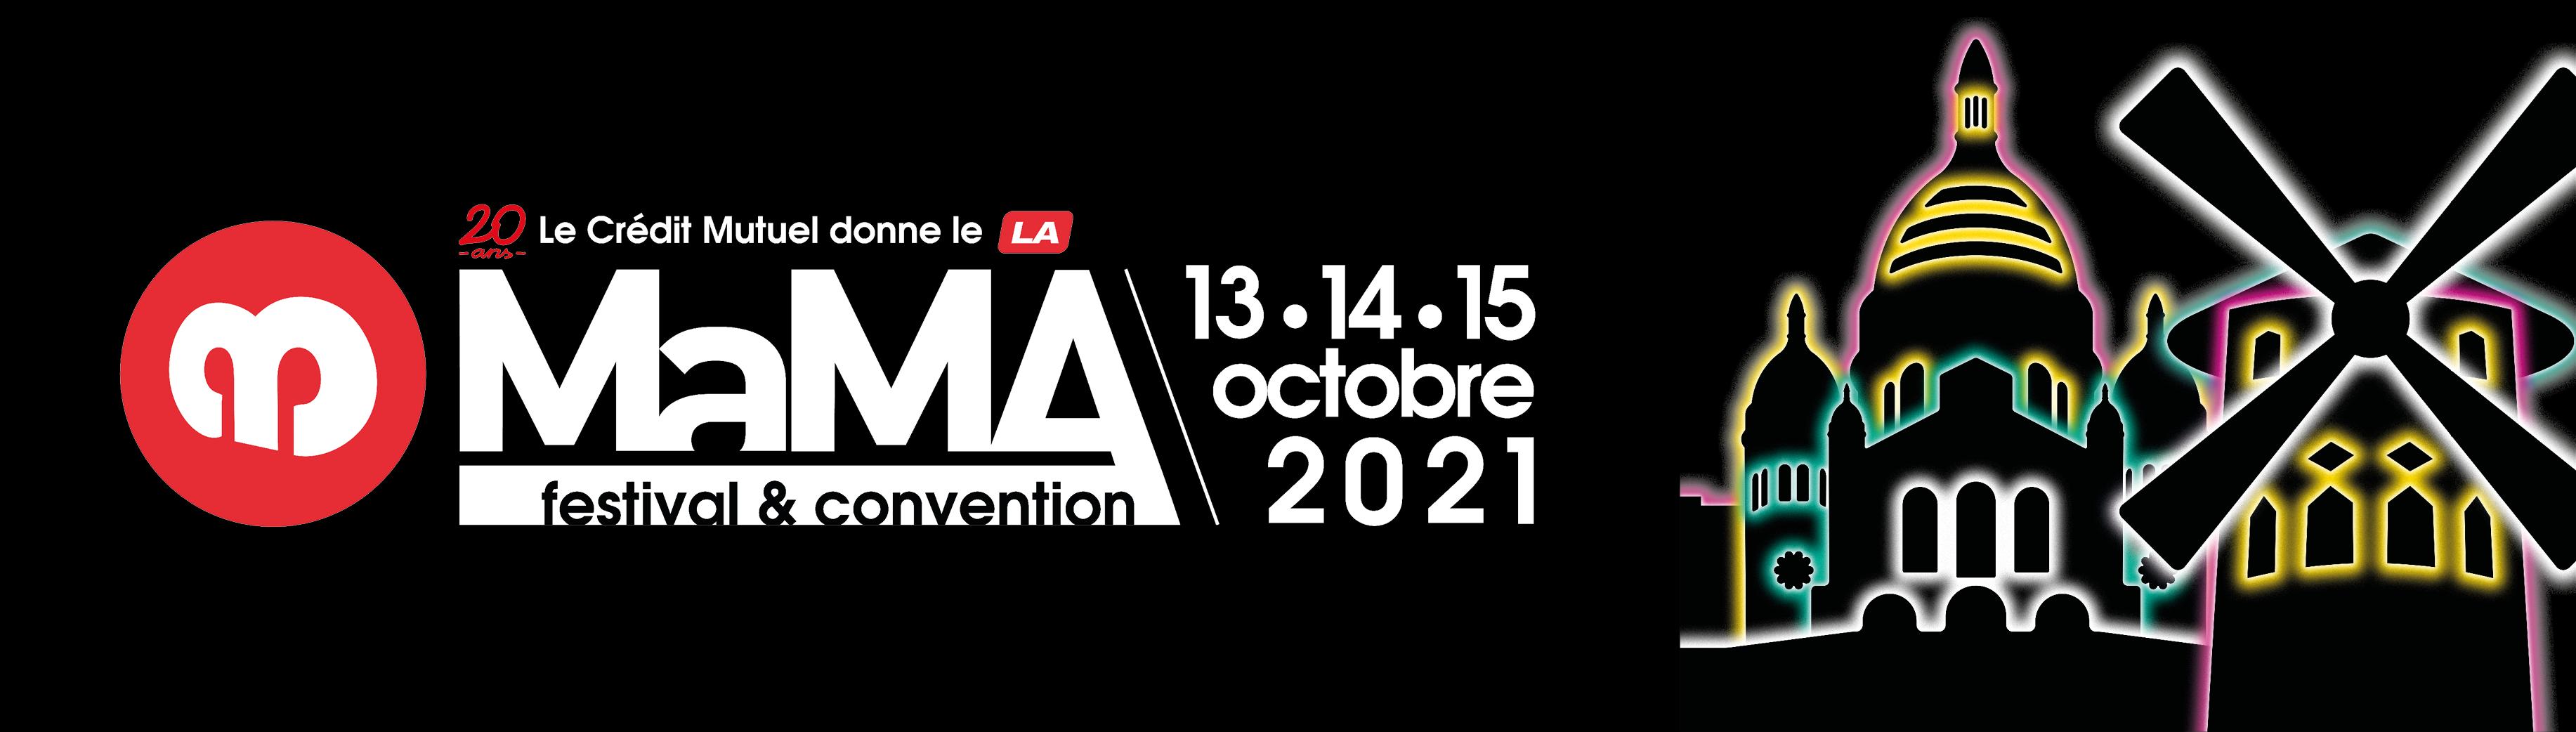 Le MaMA Festival et Convention 2021 · programmation complète